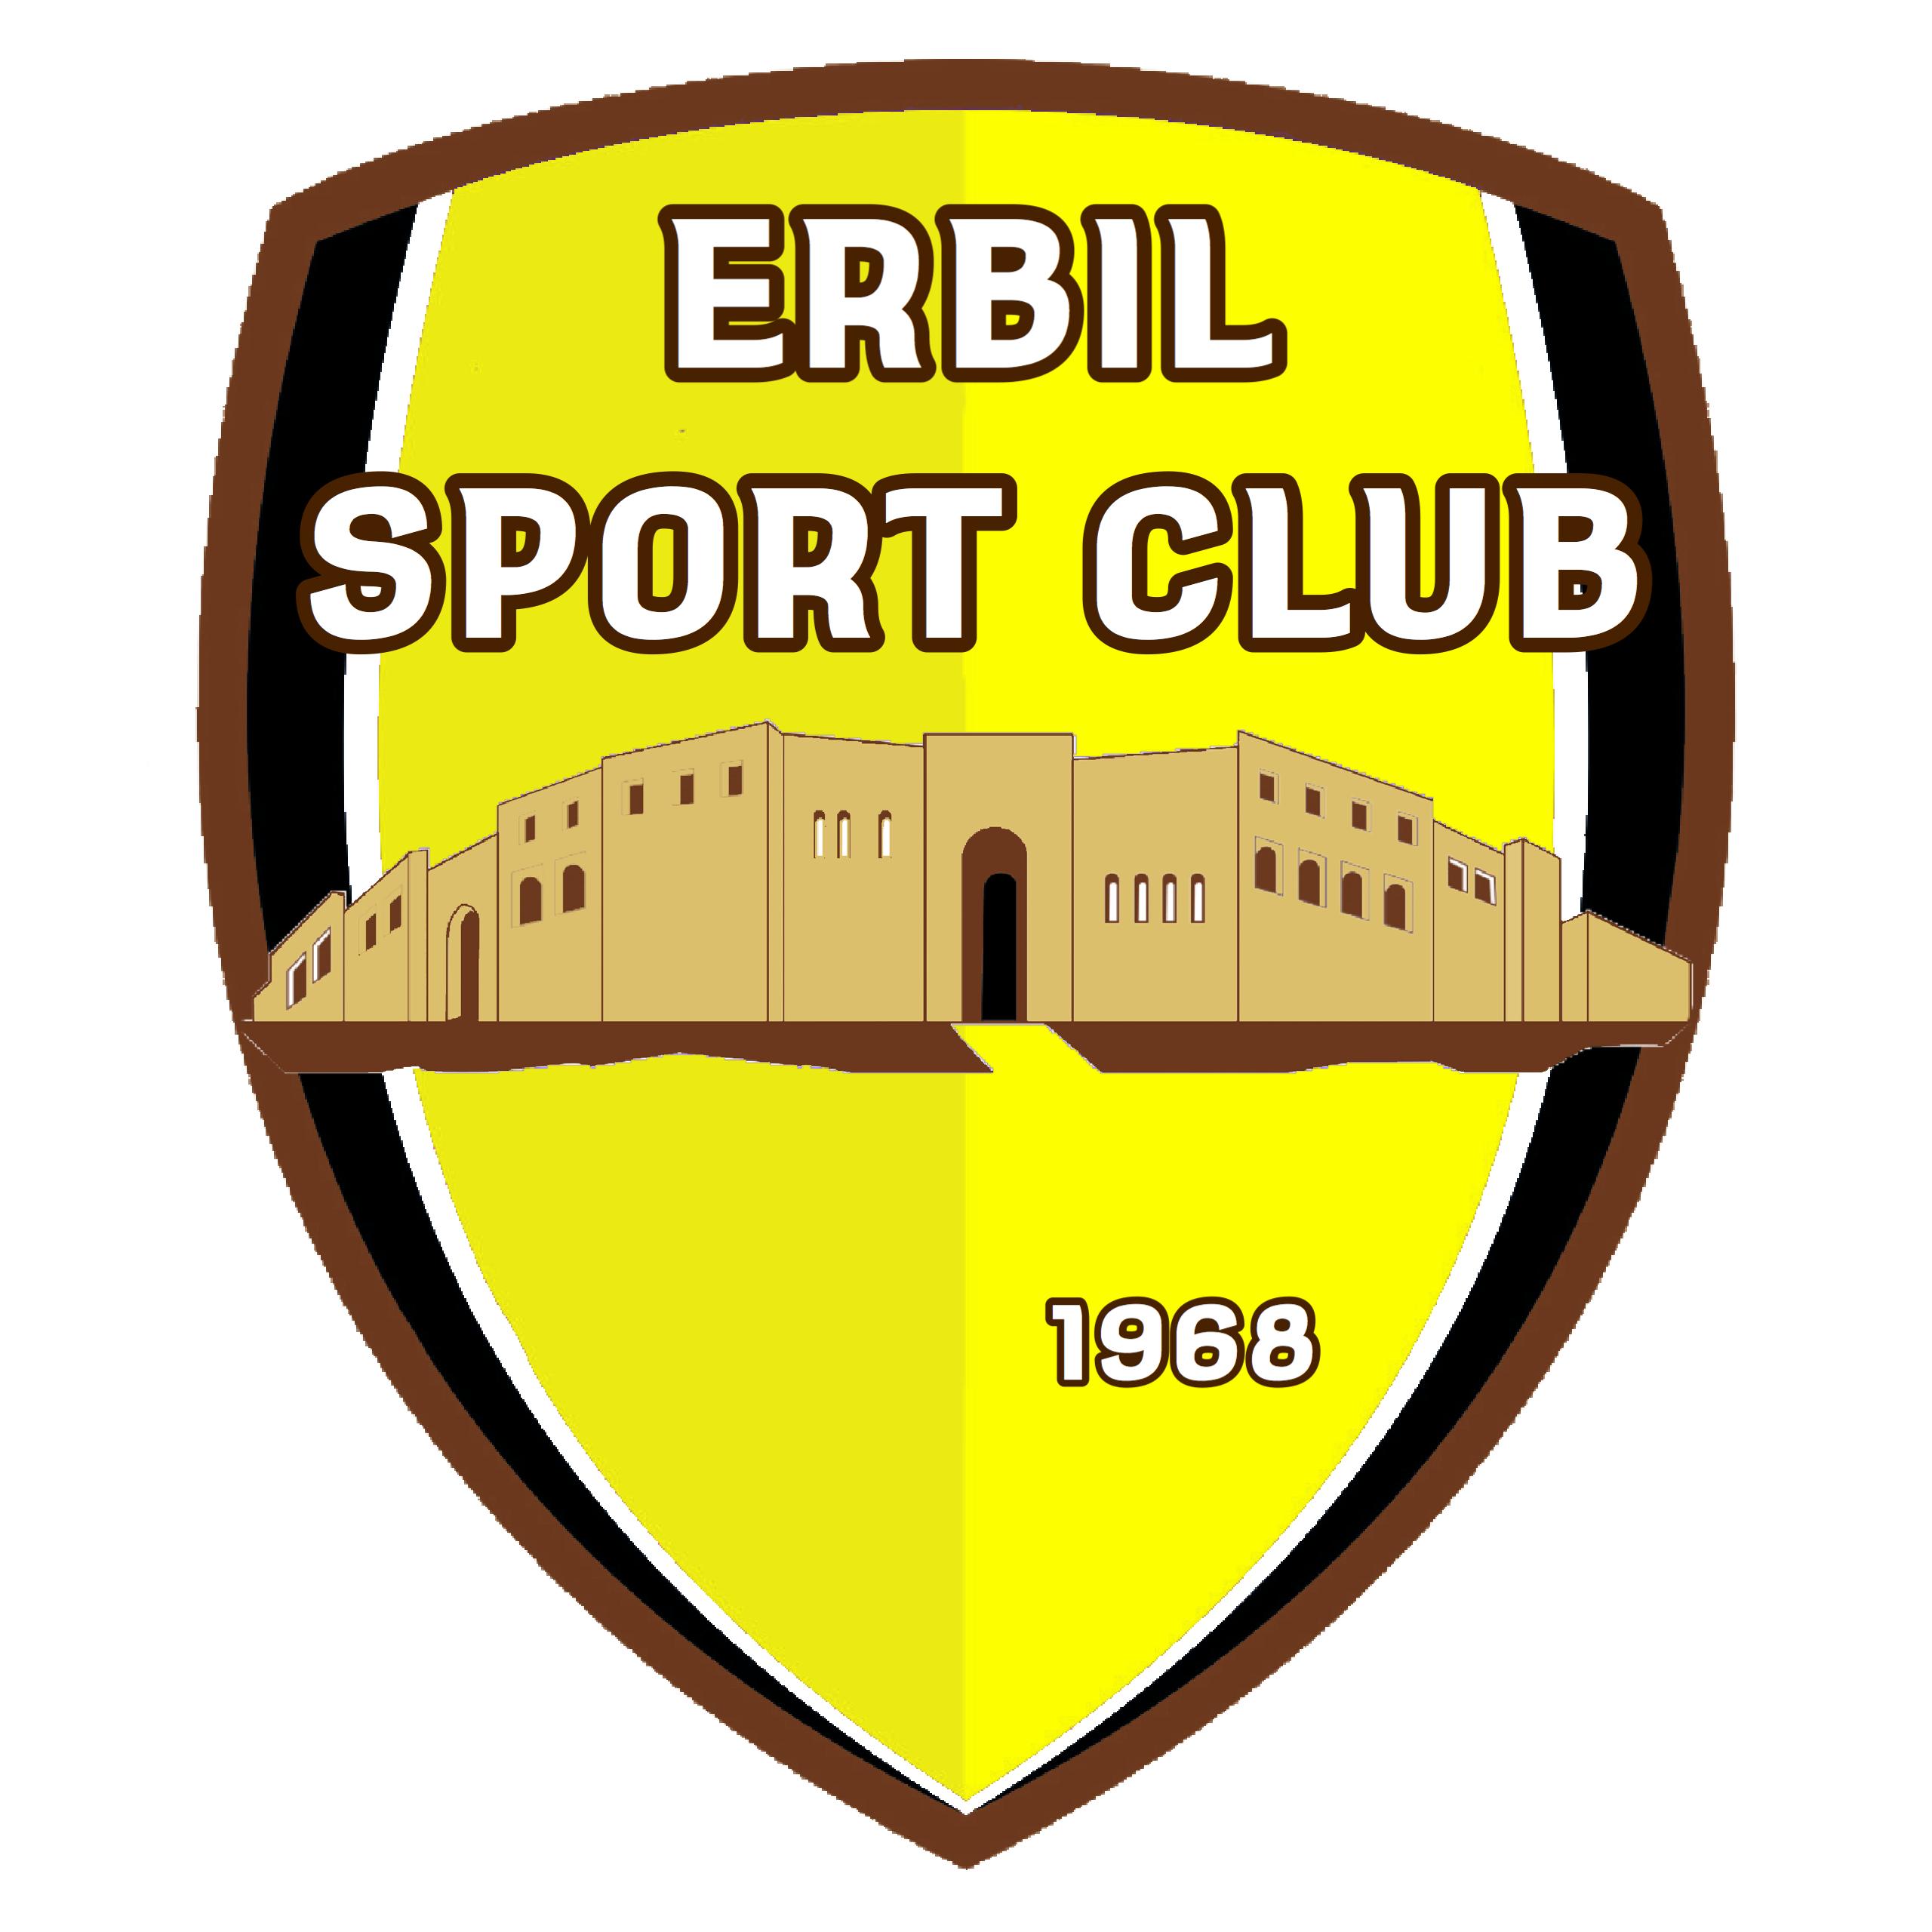 Redesign arbil sport club crest